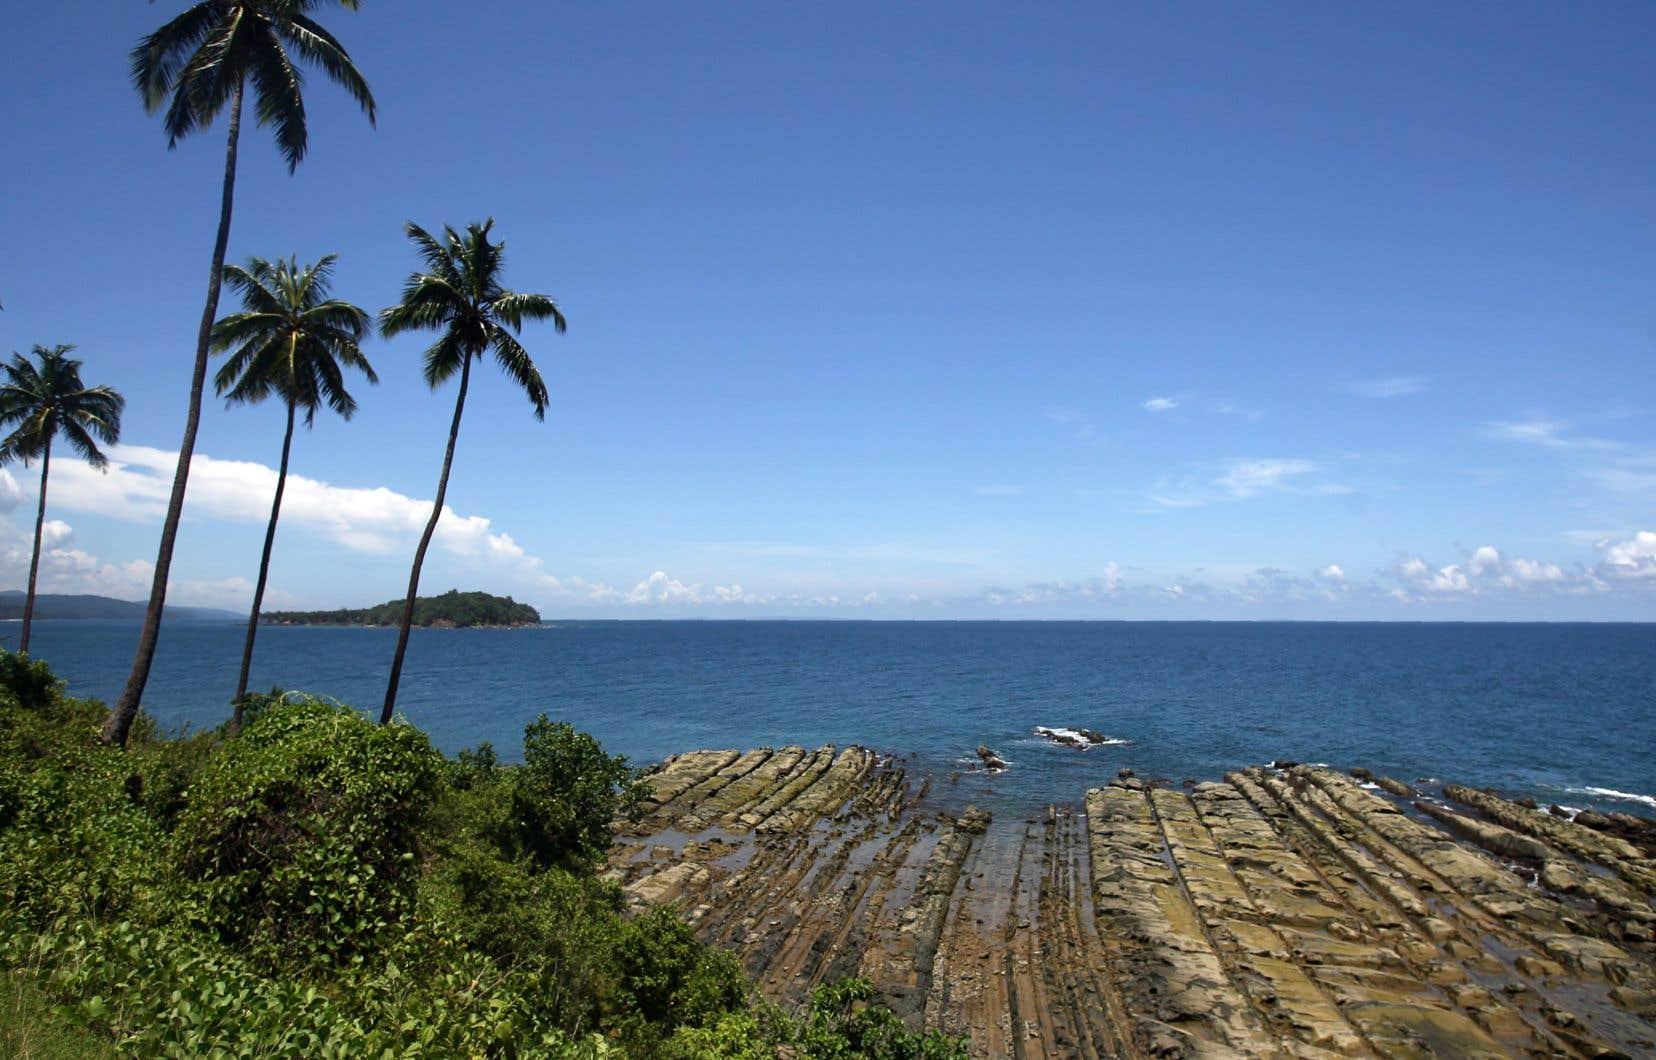 John Chau avait effectué plusieurs voyages aux îles Andaman (notre photo) par le passé, avant de vouloir accéder aux Sentinelles voisines.